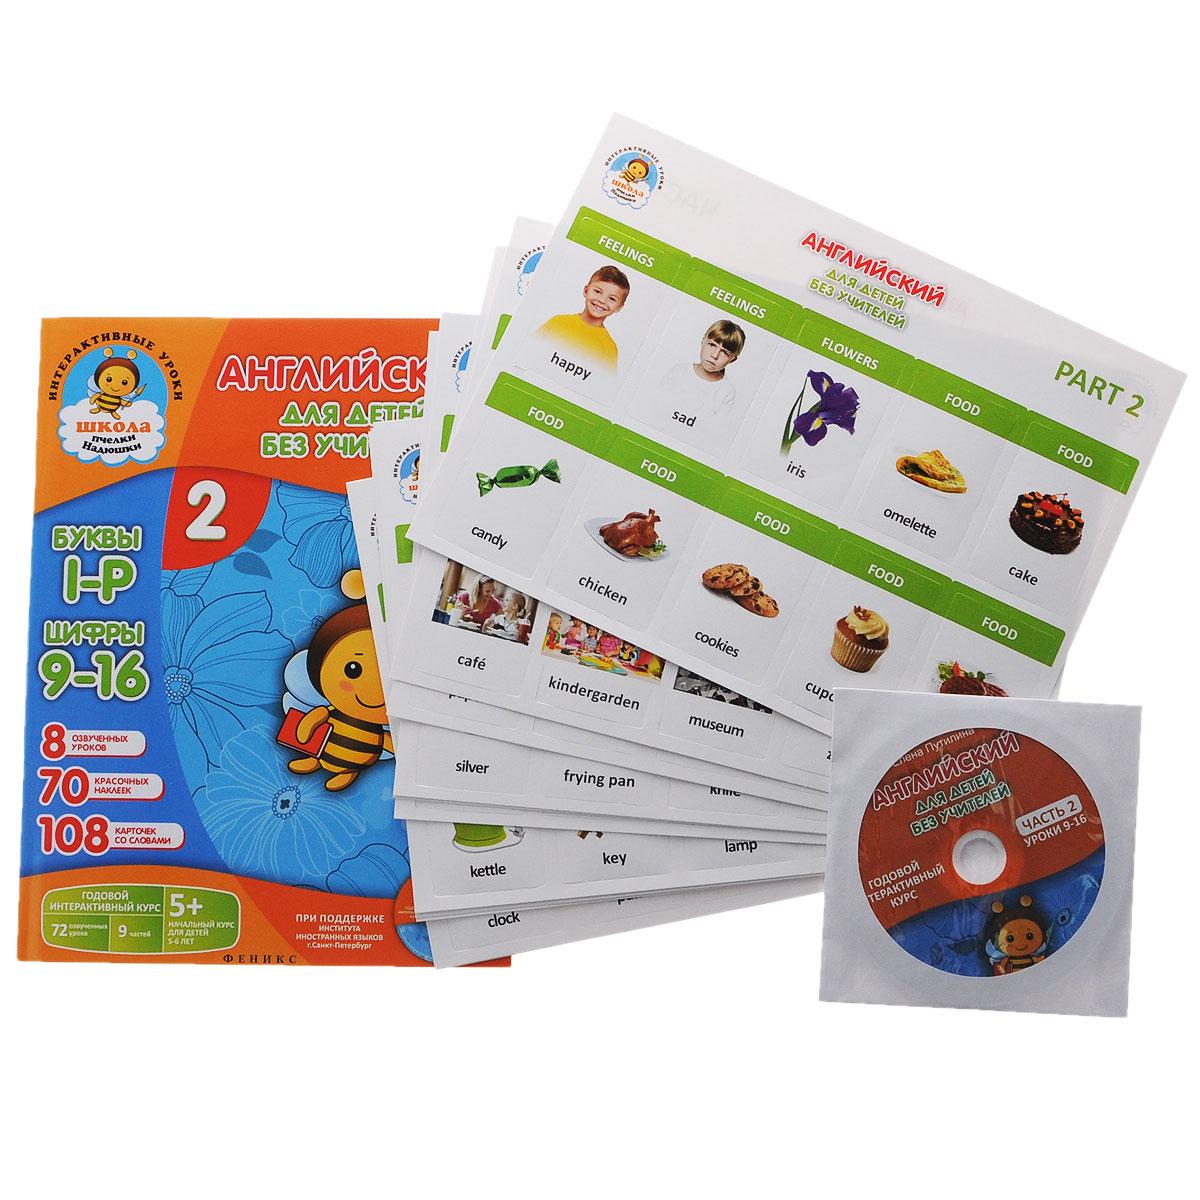 Английский для детей без учителей. Годовой интерактивный курс. Часть 2 (+ CD)